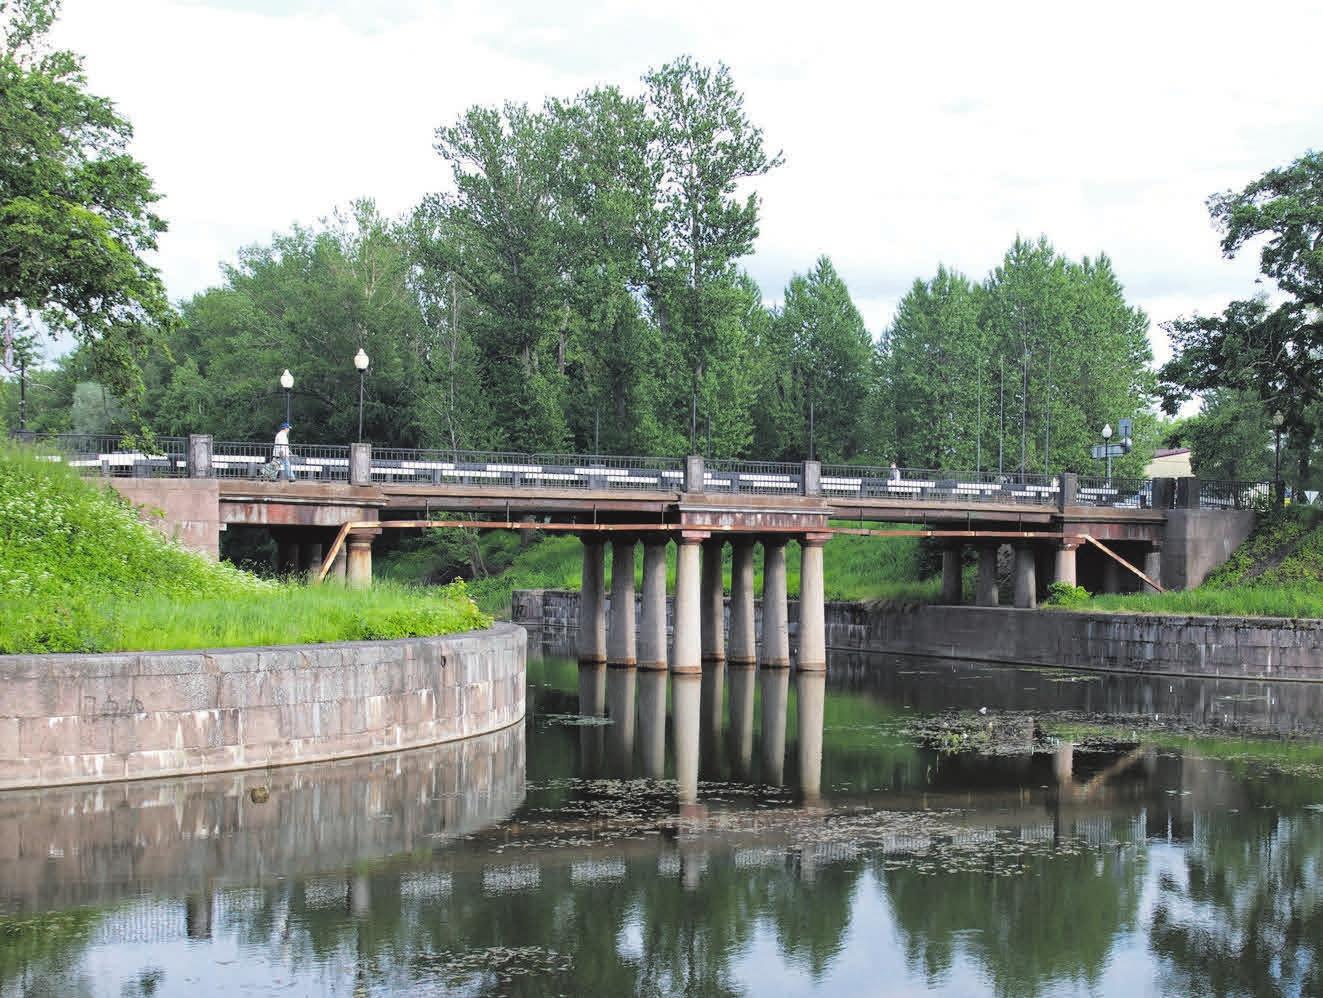 Мост в Шлиссельбурге через Староладожский канал (1824–1827)